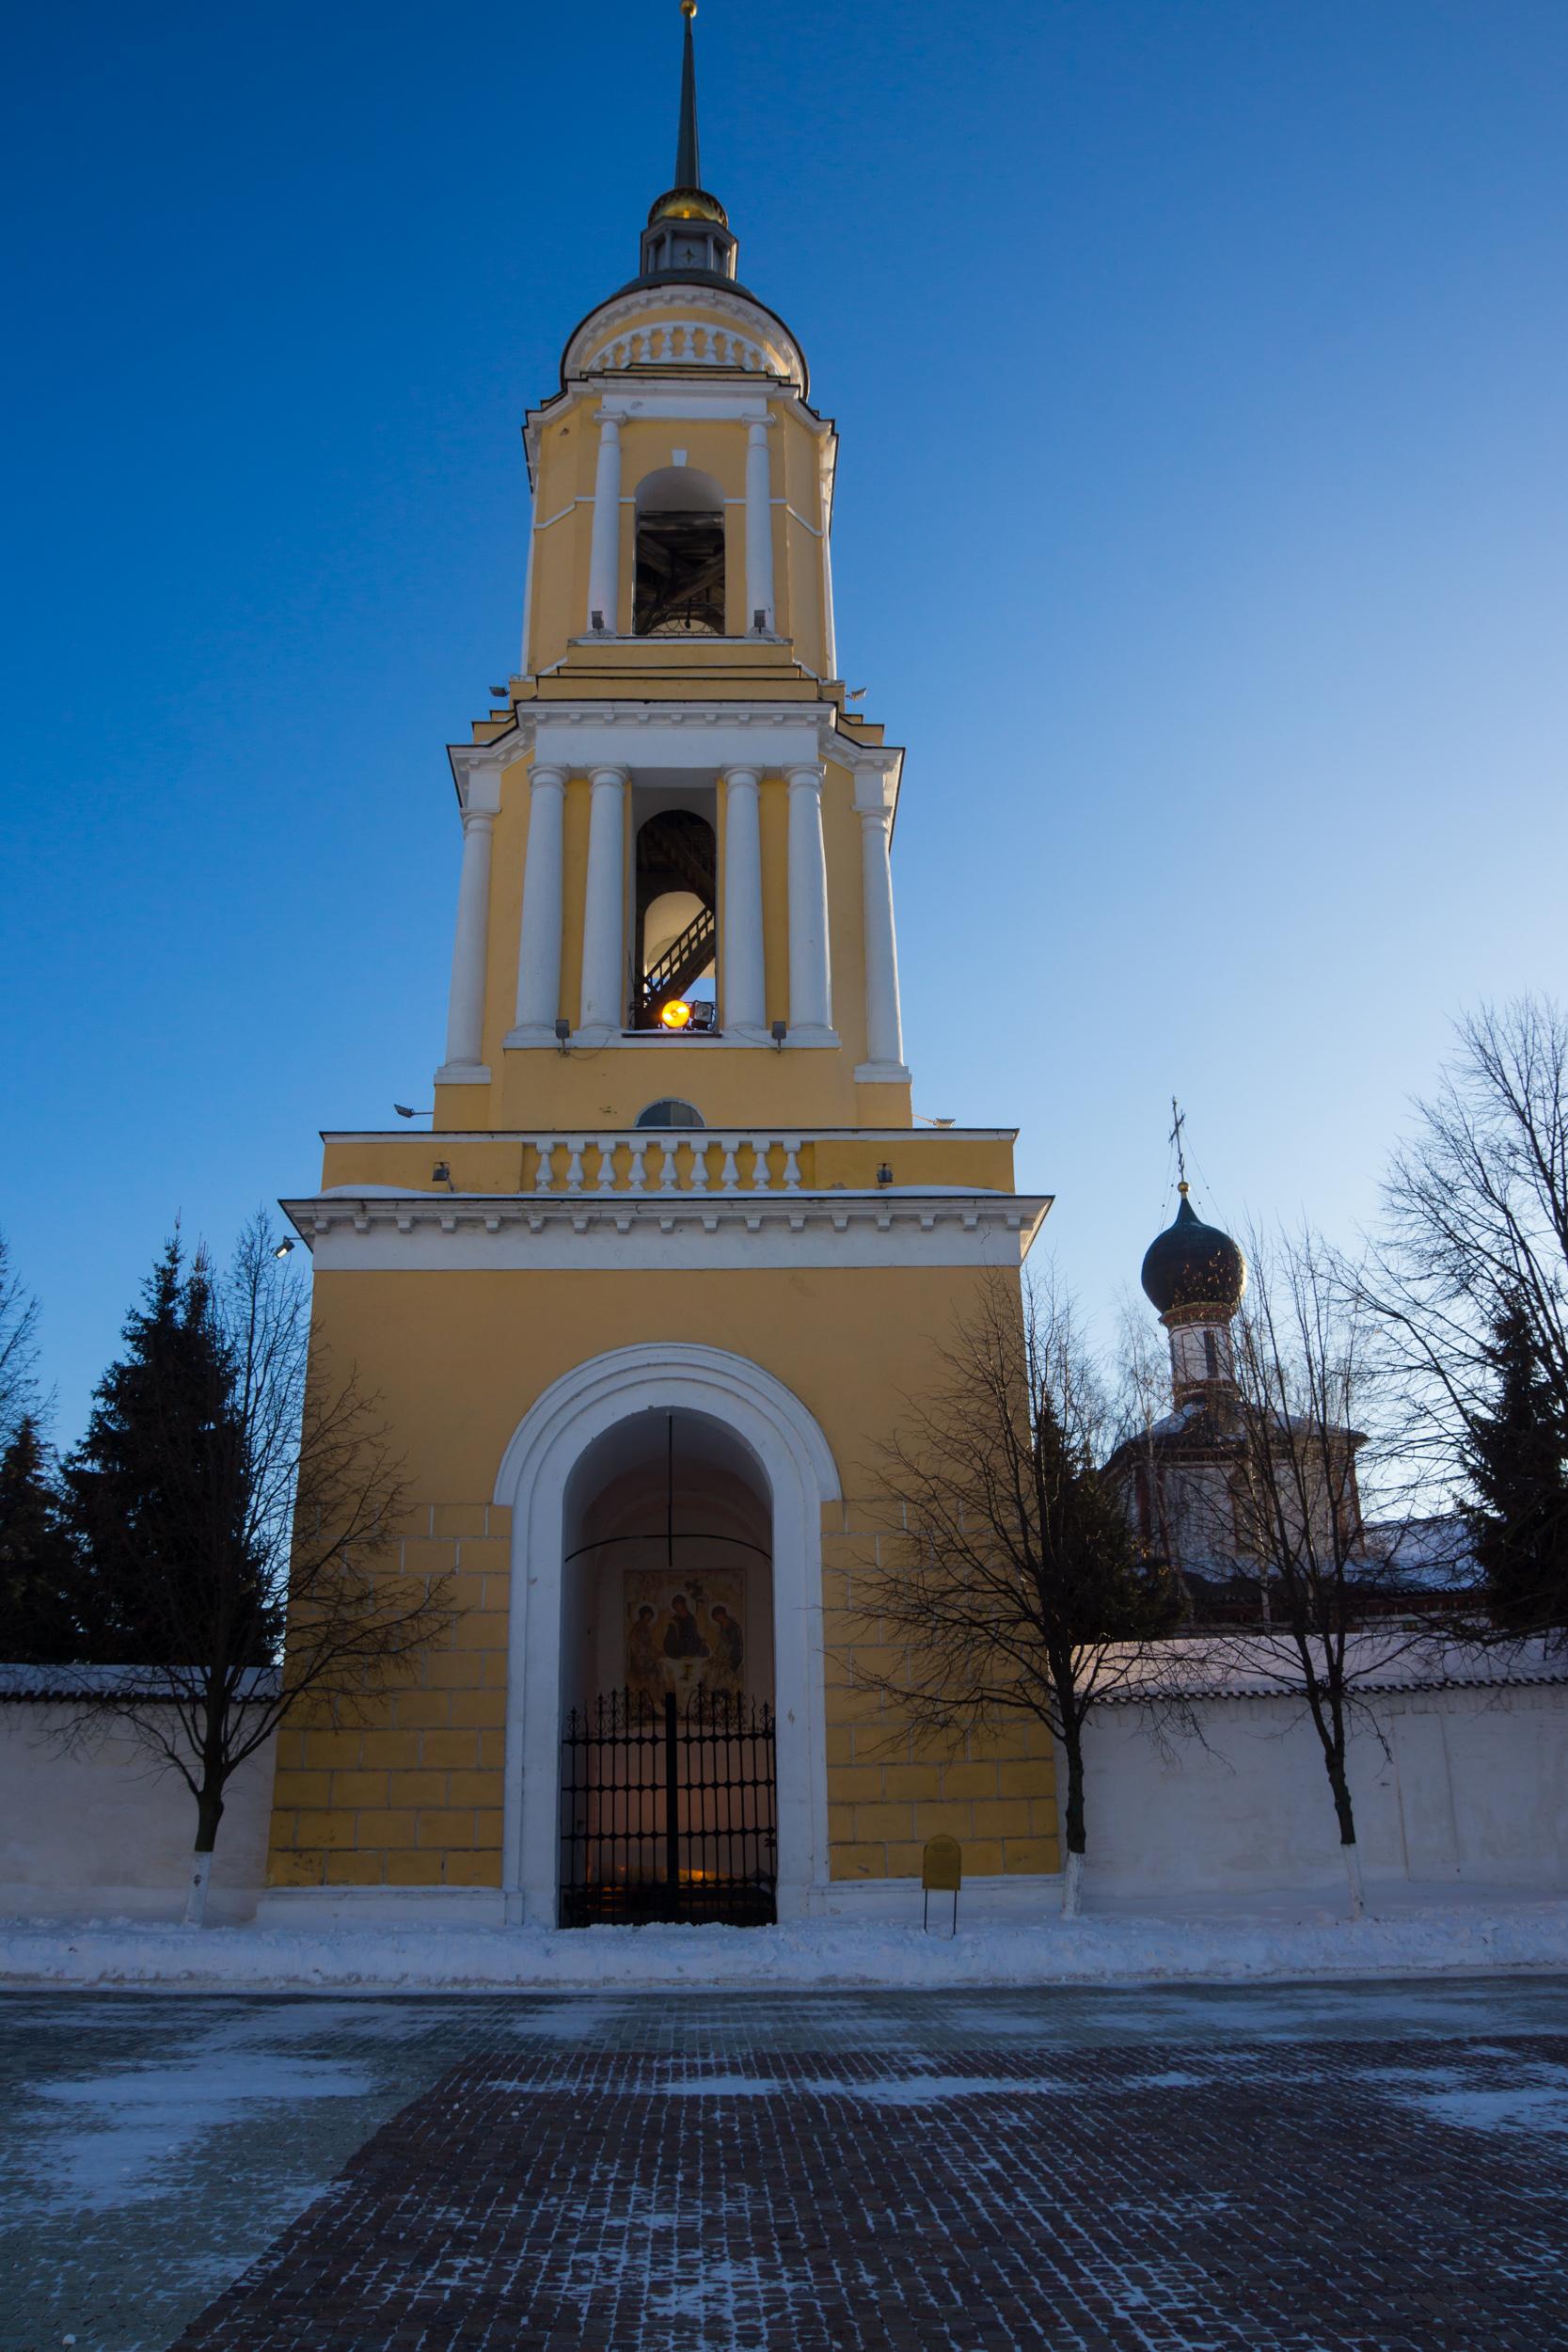 Колокольня Свято-Троицкого Ново-Голутвина женского монастыря.